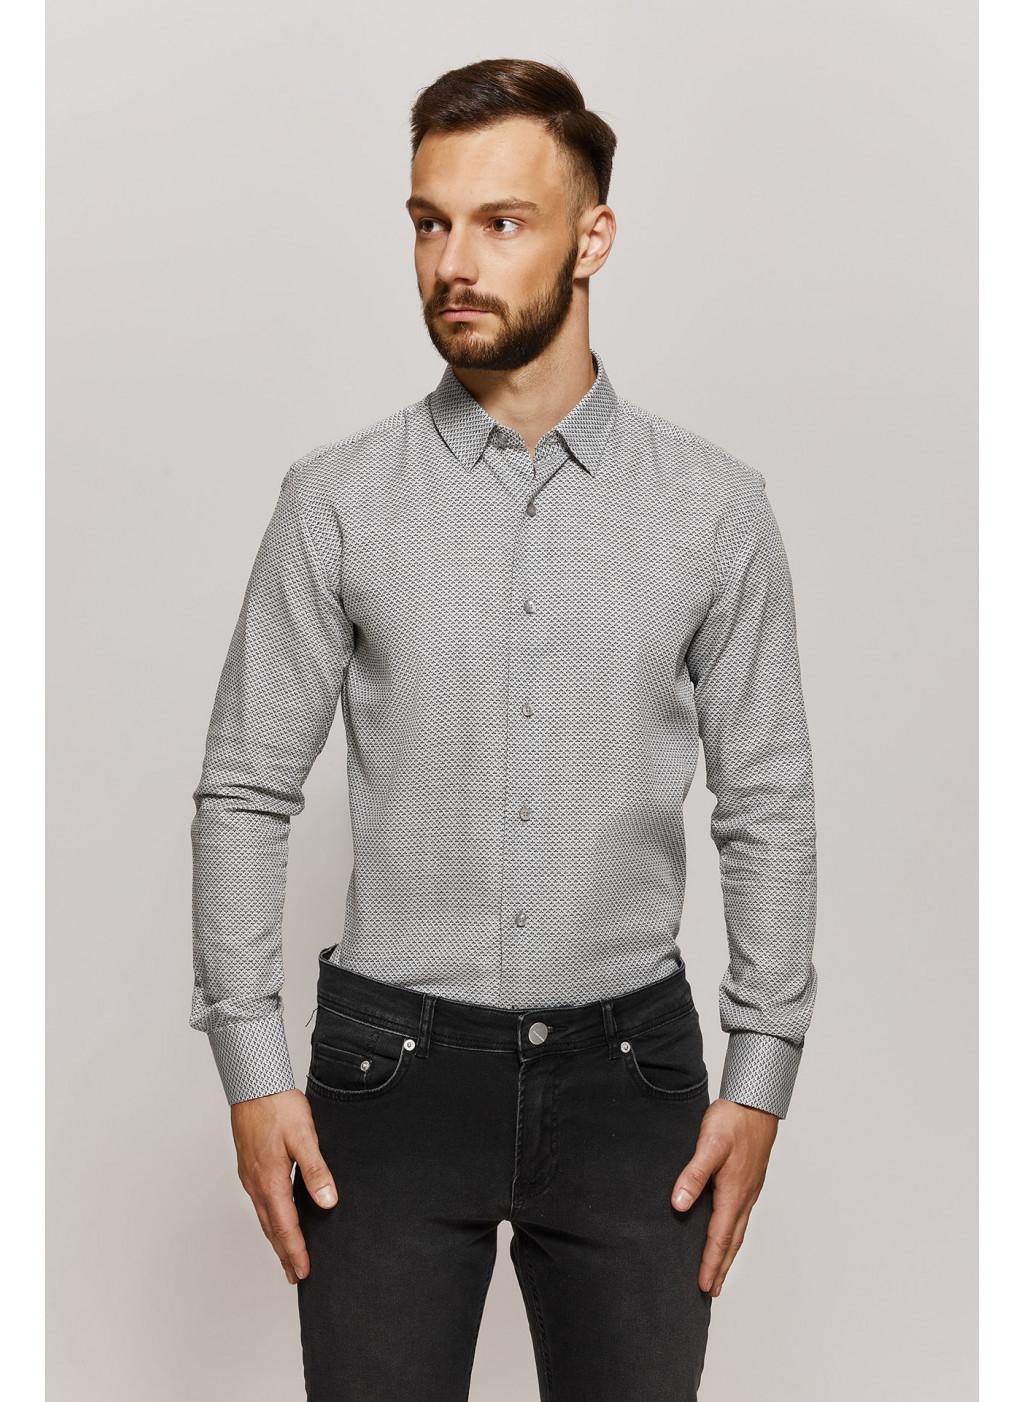 Рубашка NAVI NV12-1X-060-S